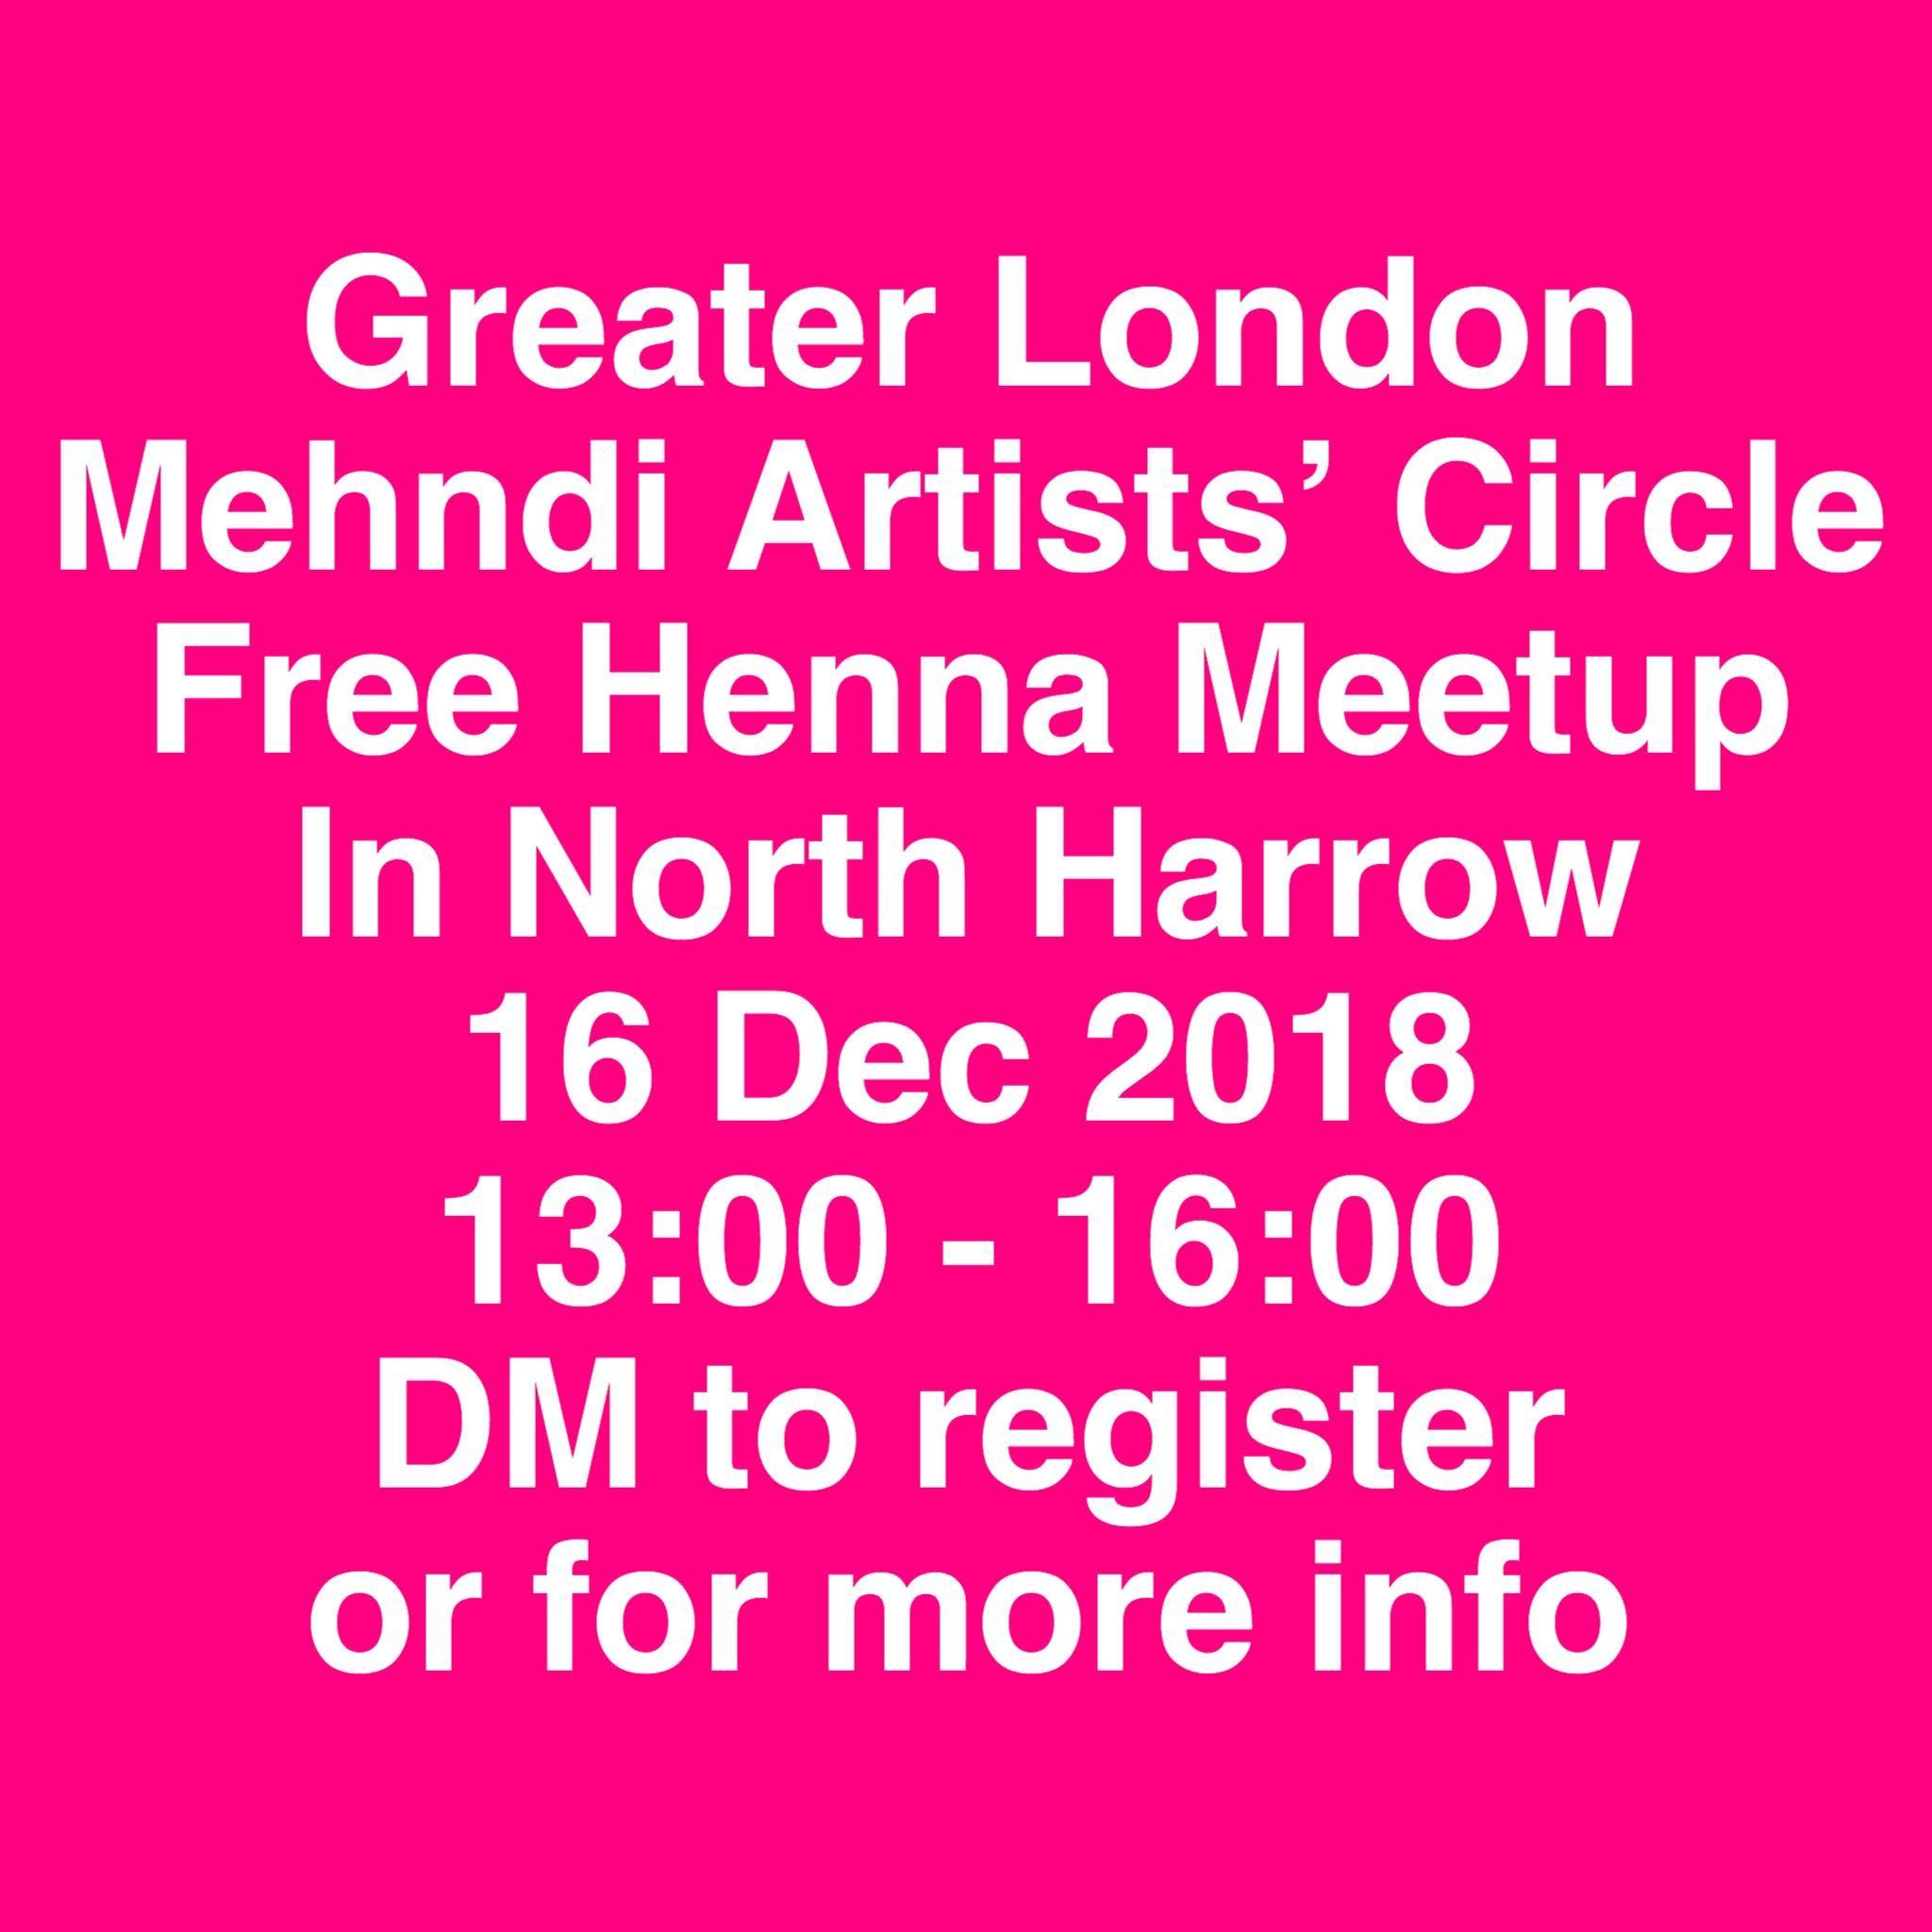 Free Henna Meetup in North Harrow